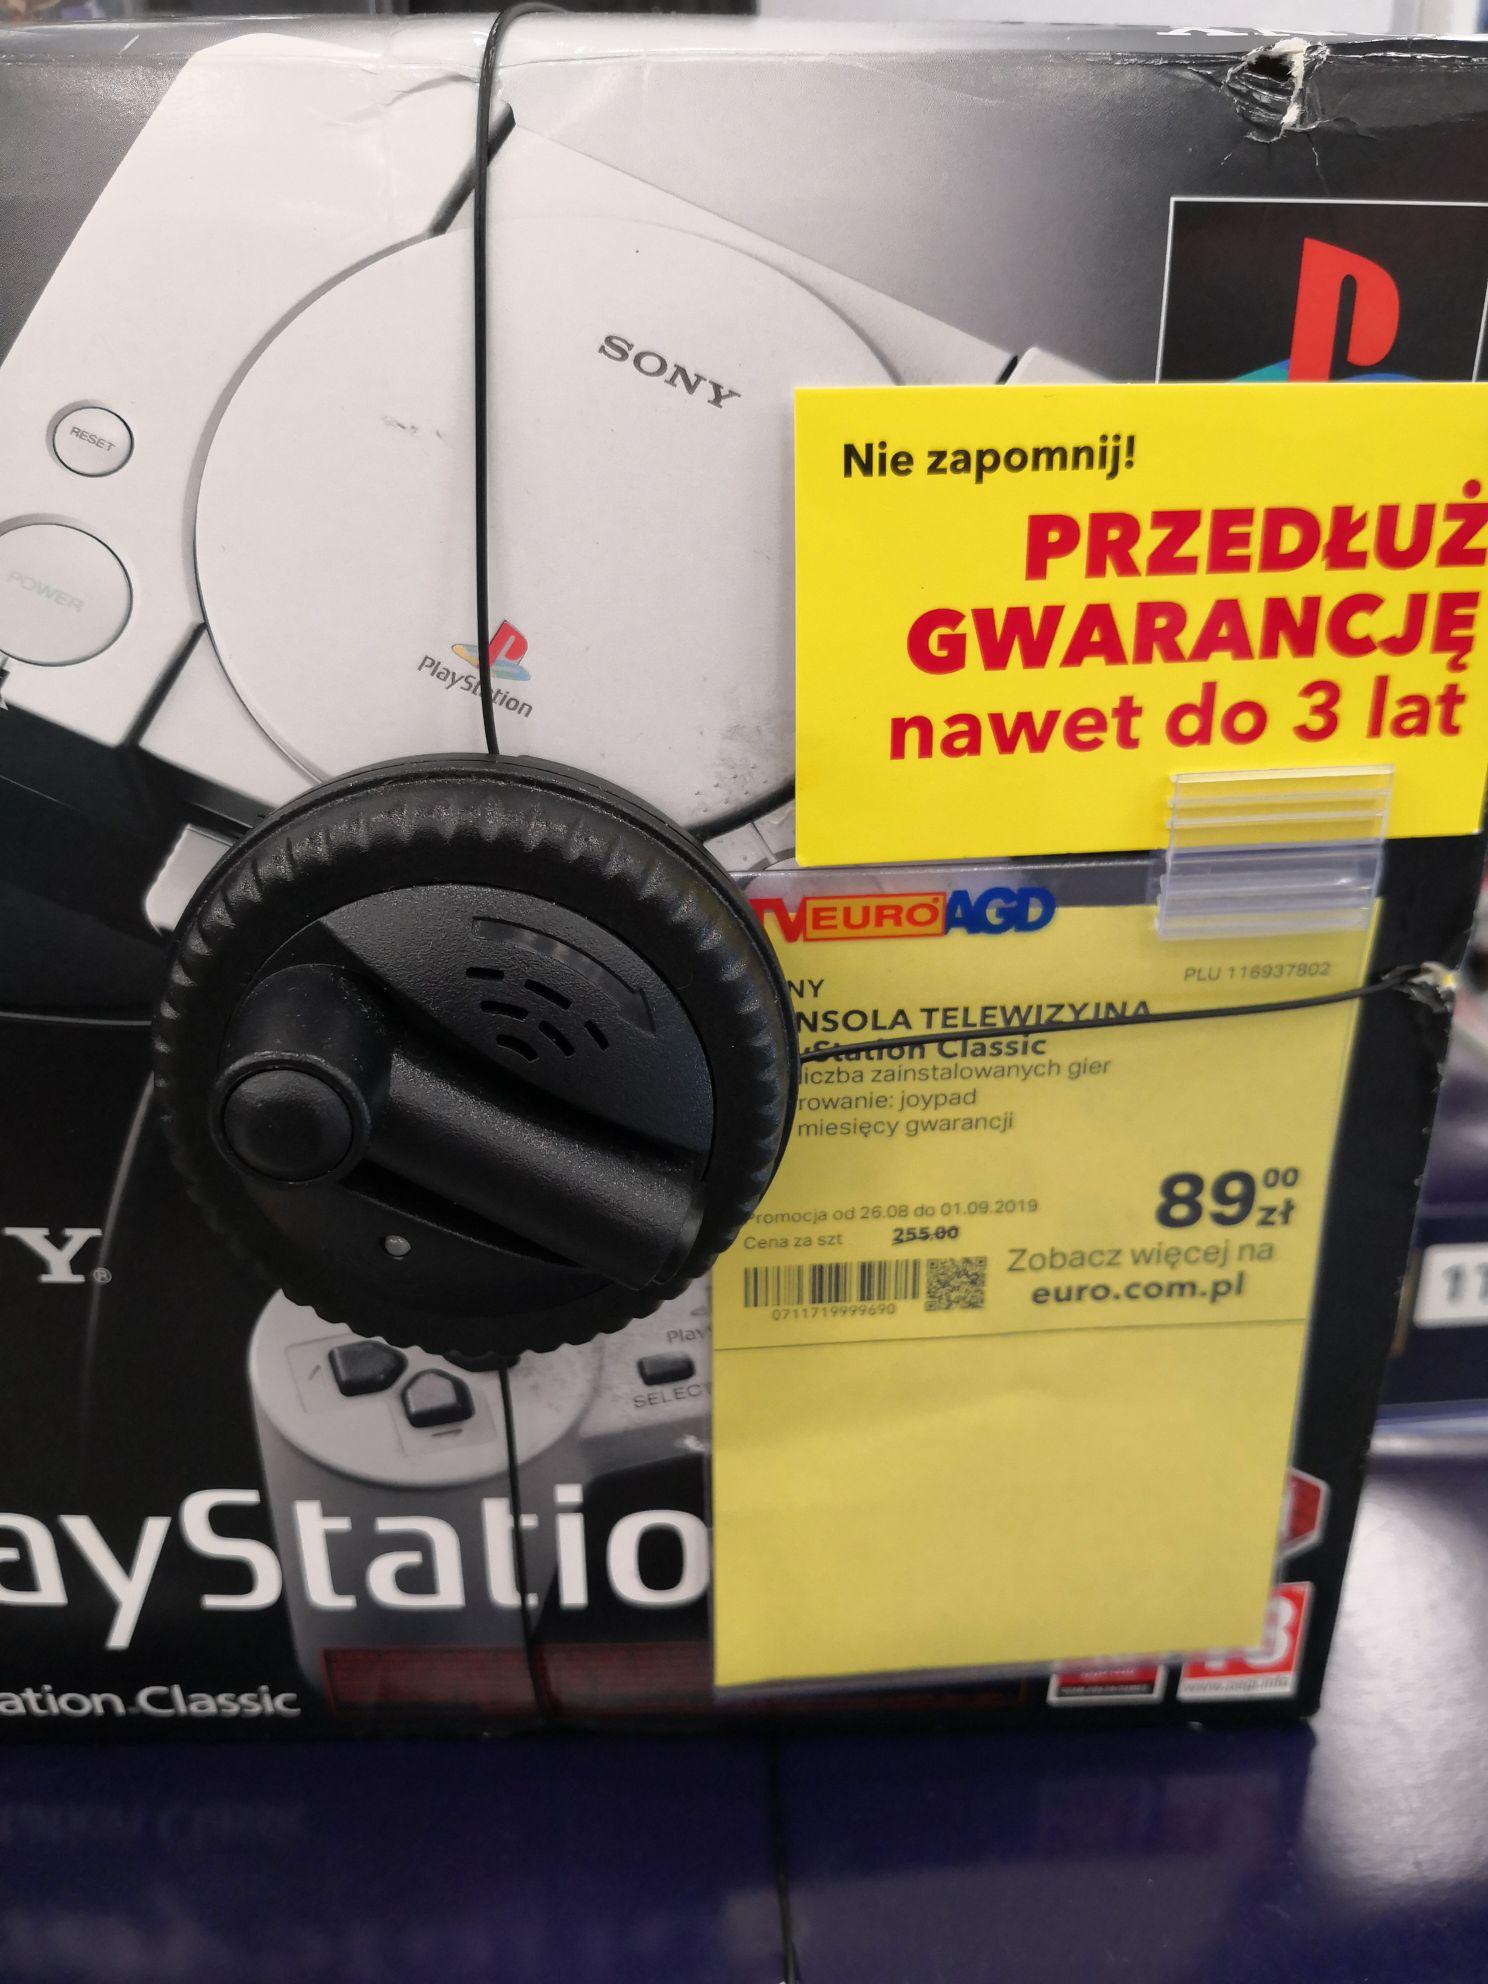 Playstation Classic Euro RTV AGD,  możliwość zamówienia oraz sztuki na sklepach